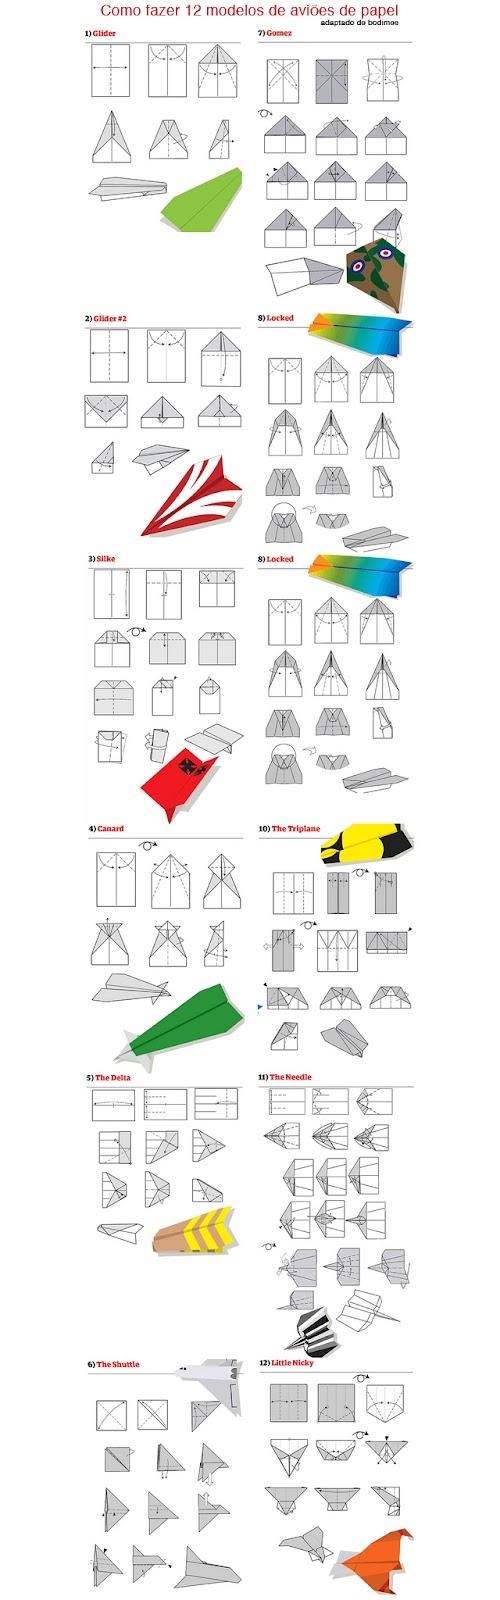 Como fazer uma avião de papel